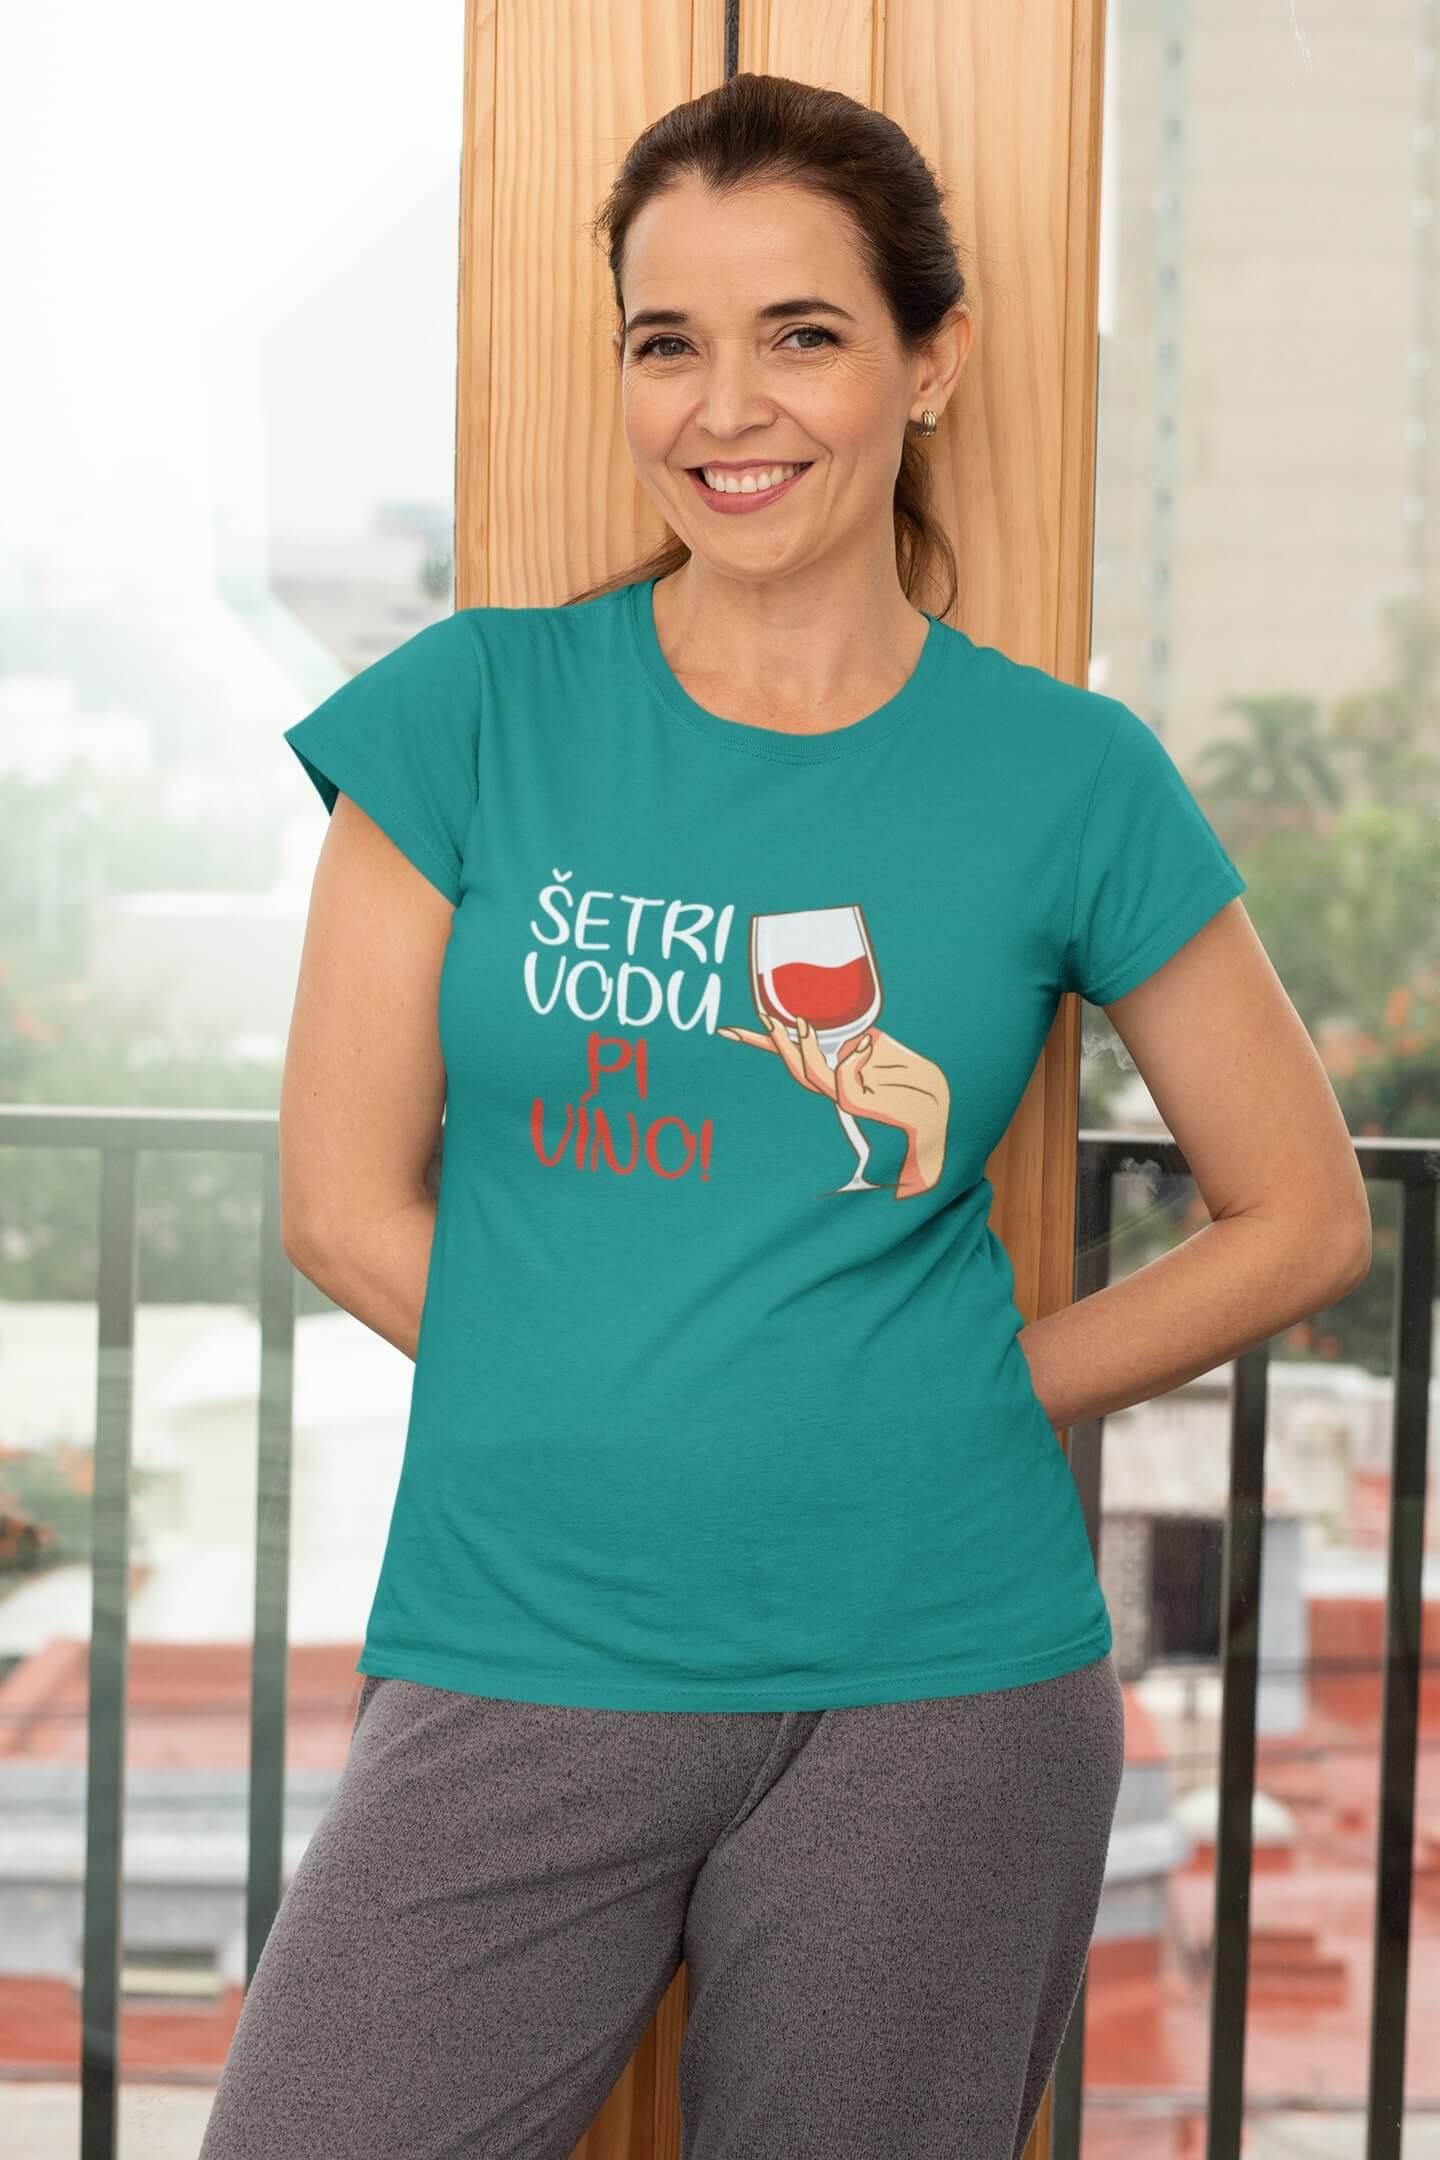 MMO Dámske tričko Pi víno! Vyberte farbu: Smaragdovozelená, Vyberte veľkosť: L